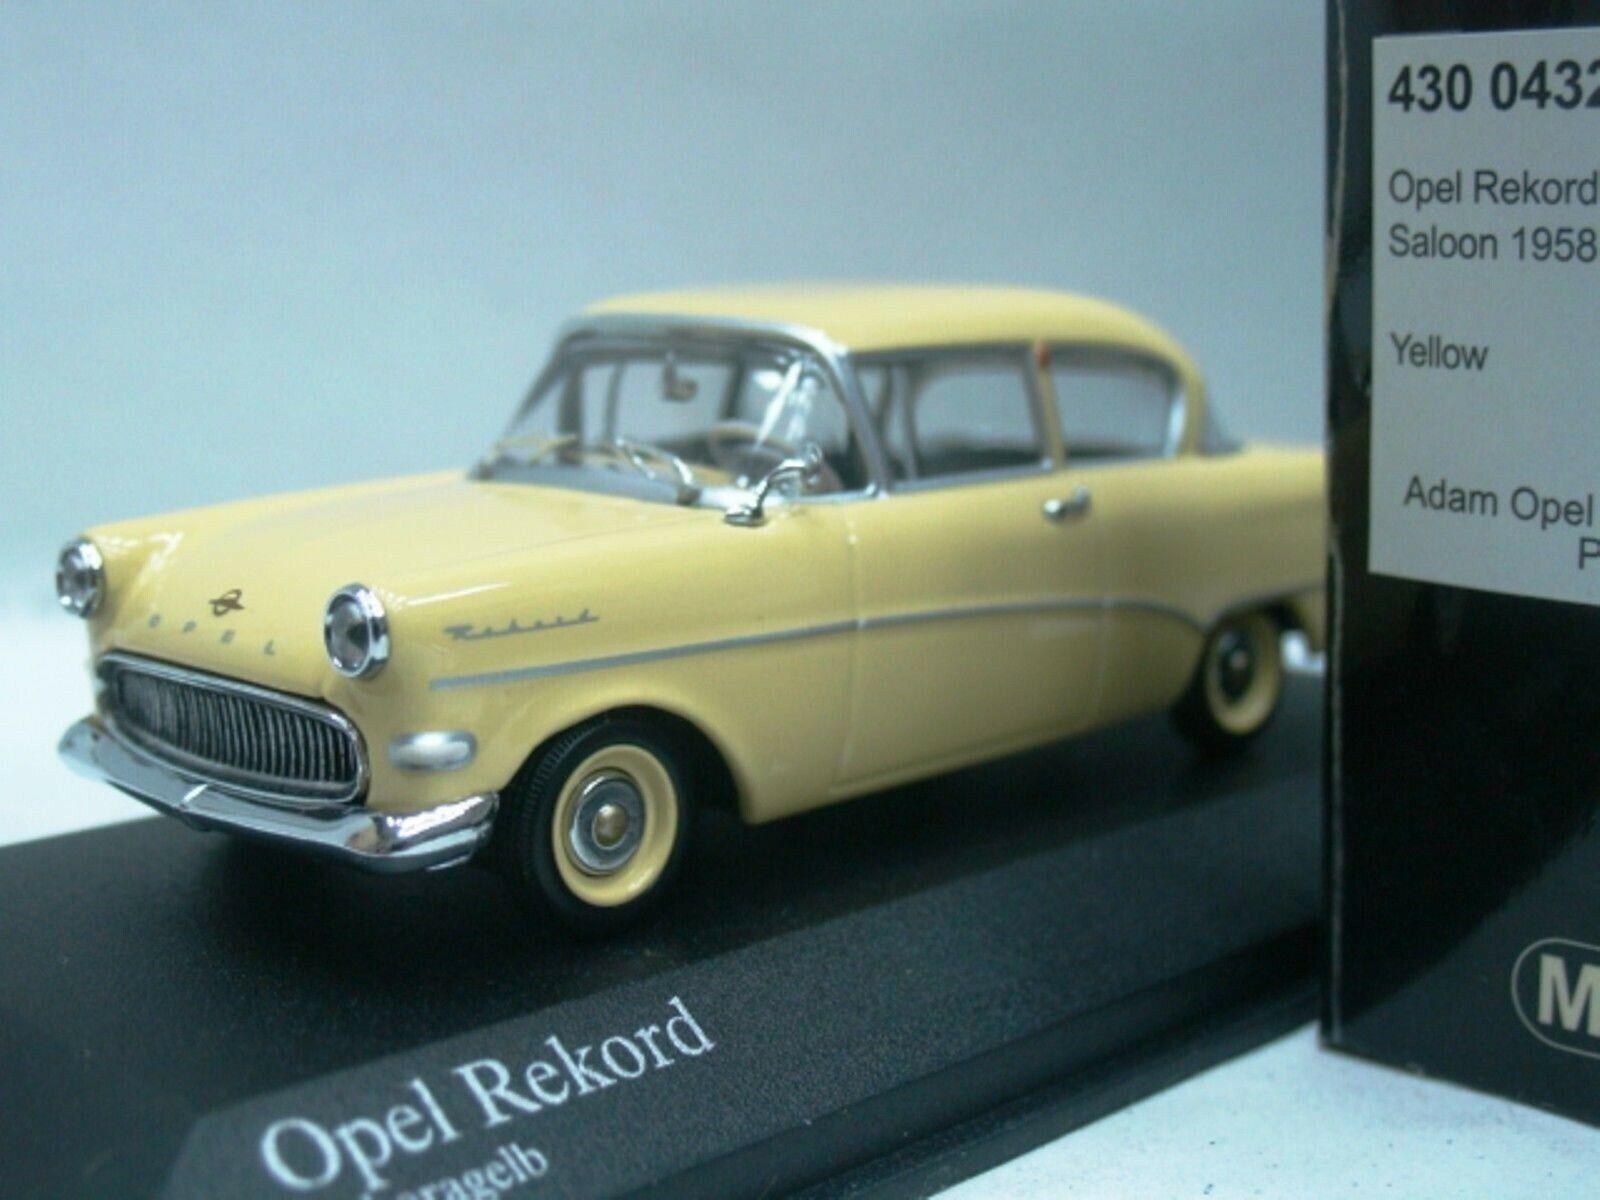 Wow extrêmeHommest rare OPEL REKORD P1 Berline  2d 1958 Jaune 1 43 Minichamps-diplomate  marque célèbre